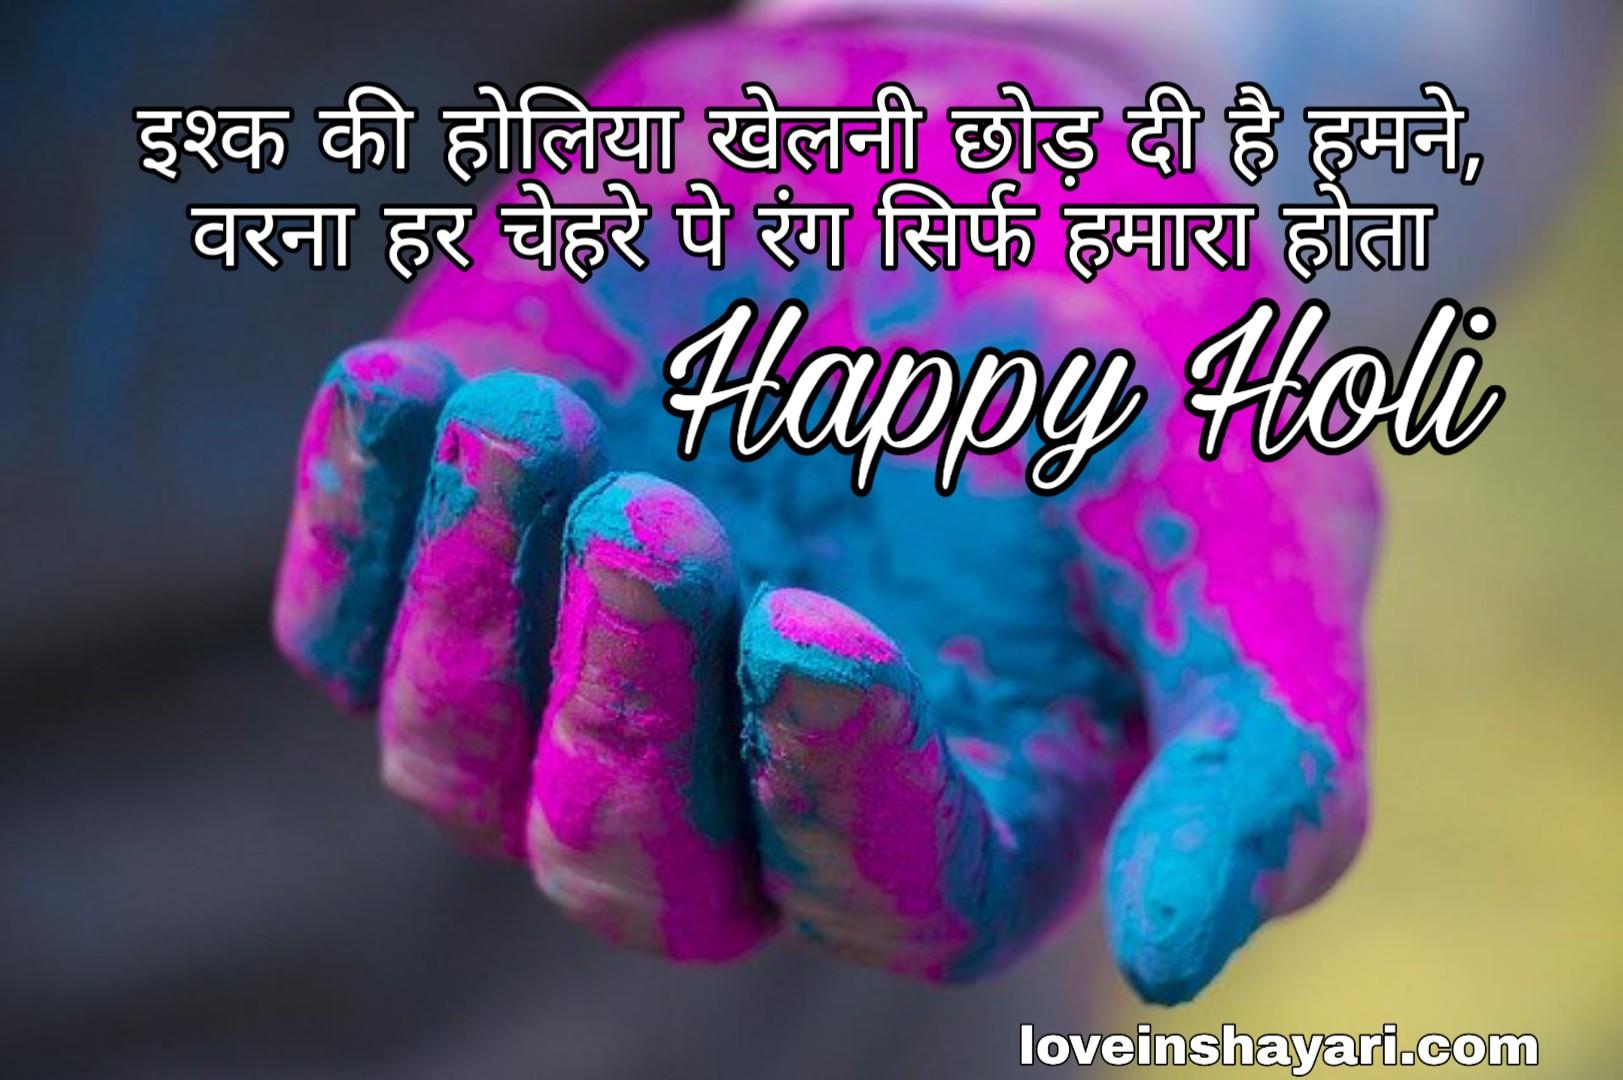 Photo of Holi 2020 wishes